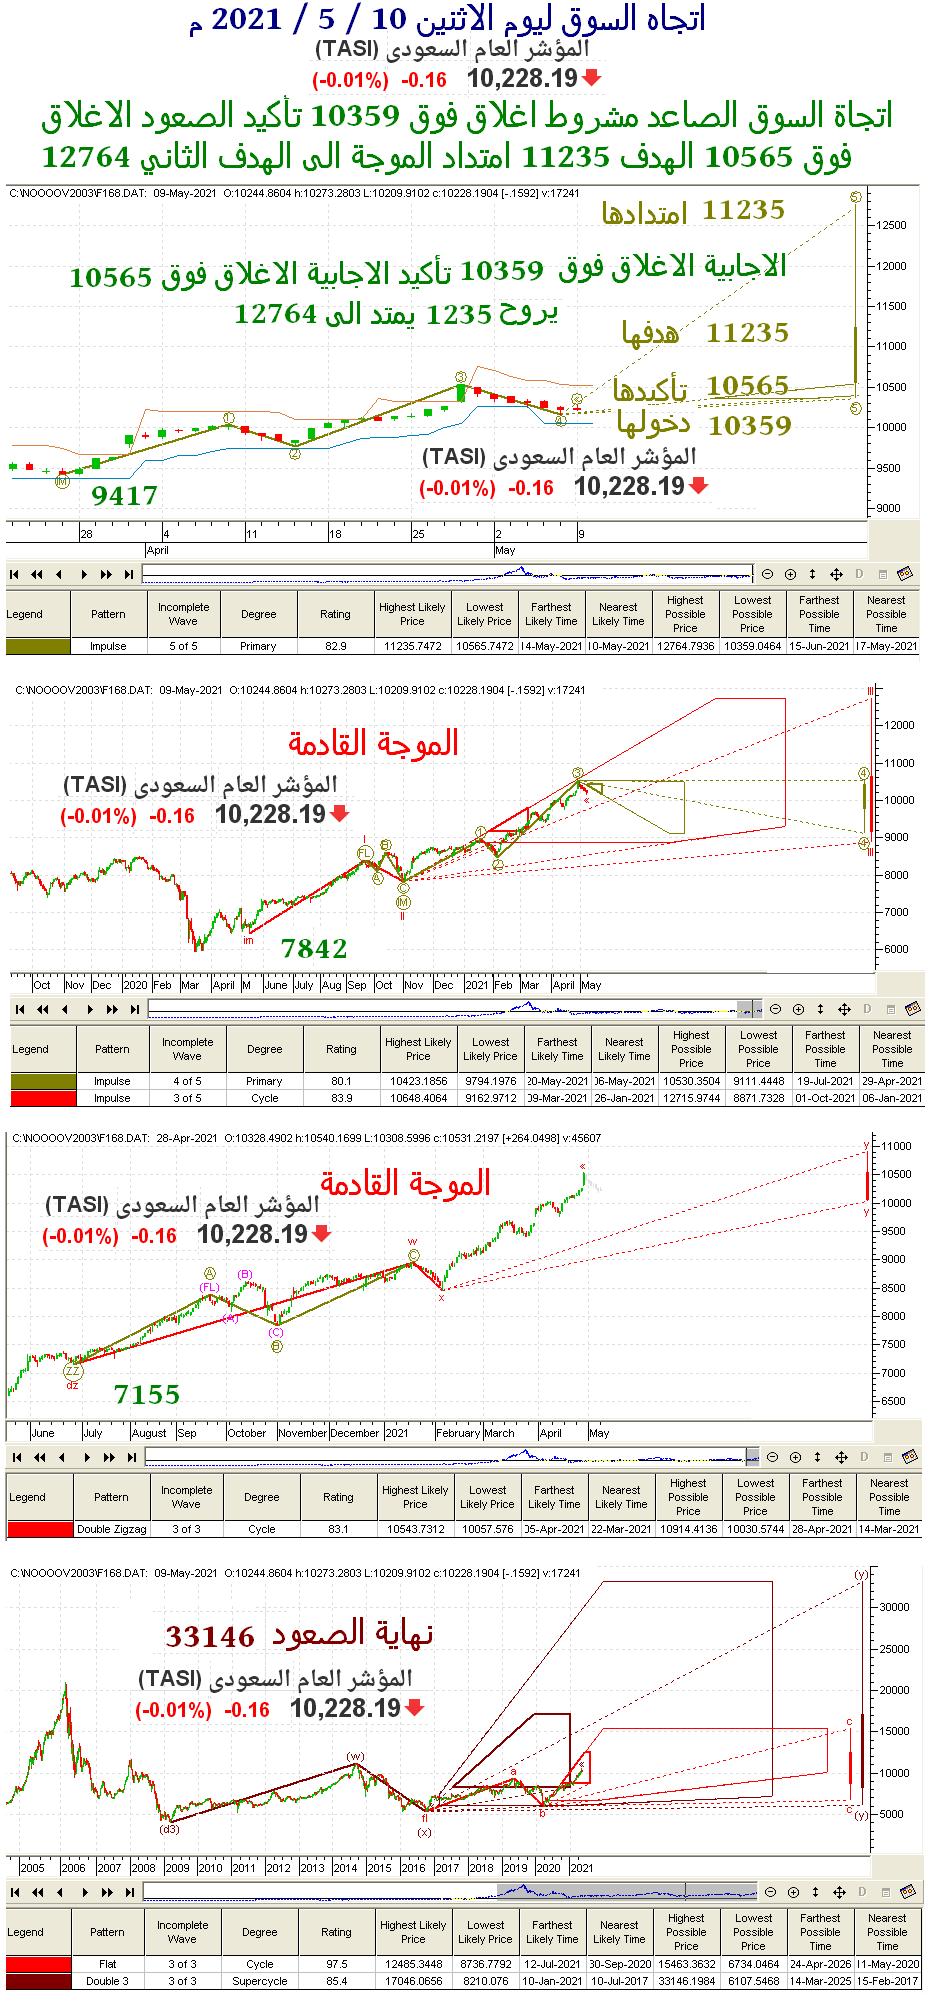 رد: 📉 متابعة هوامير البورصه اليوميه الاثنين 📈 ( 2021/5/10) 🕙👇